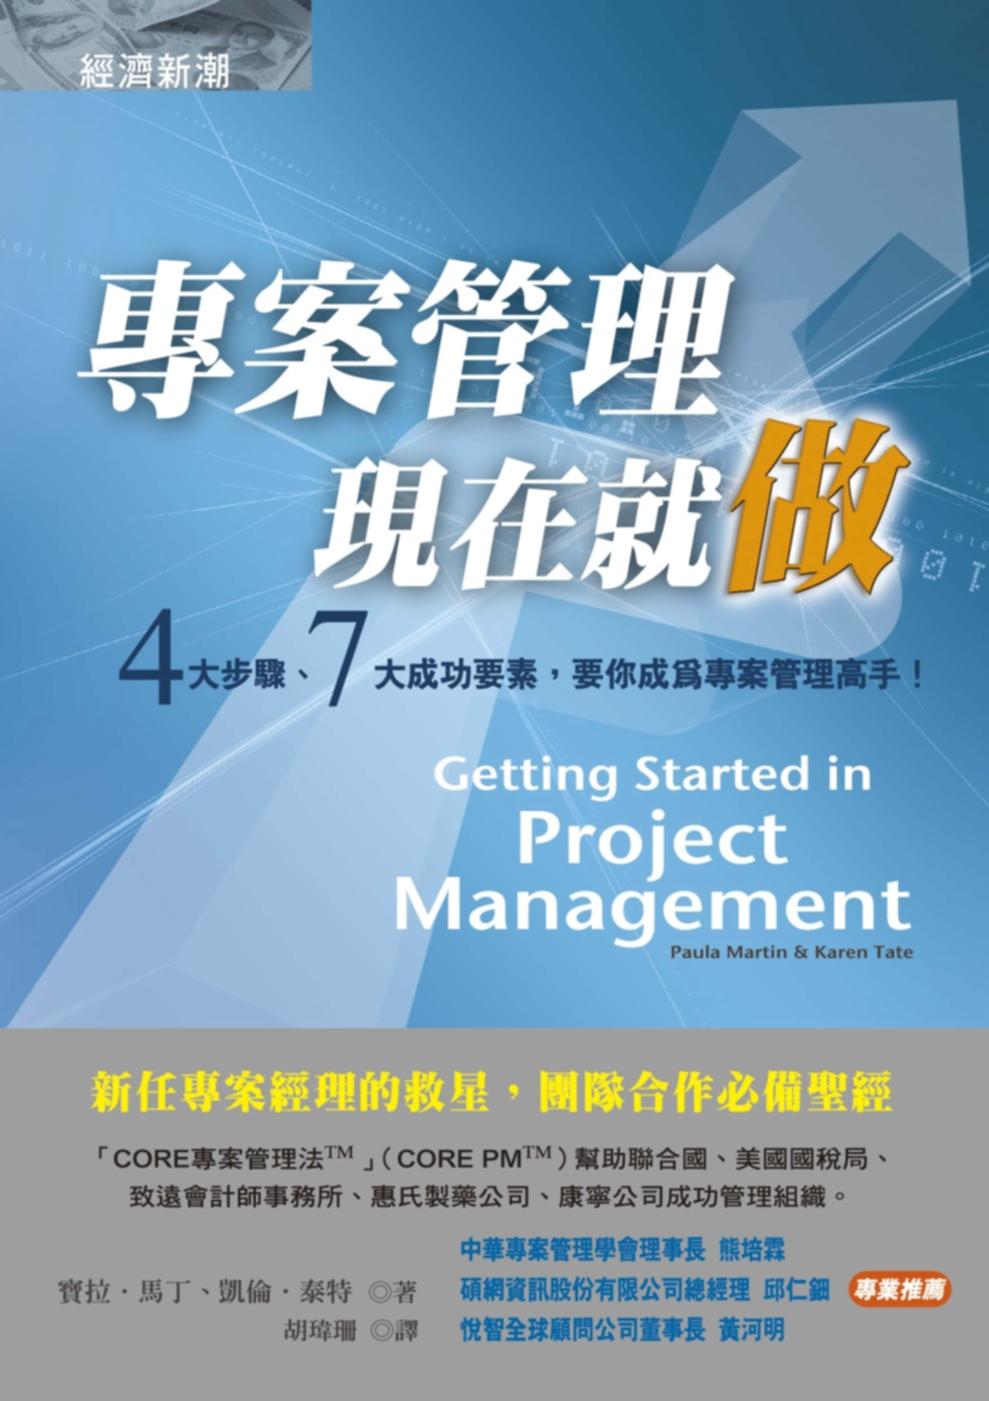 專案管理,現在就做:4大步驟.7大成功要素,要你成為專案管理高手!